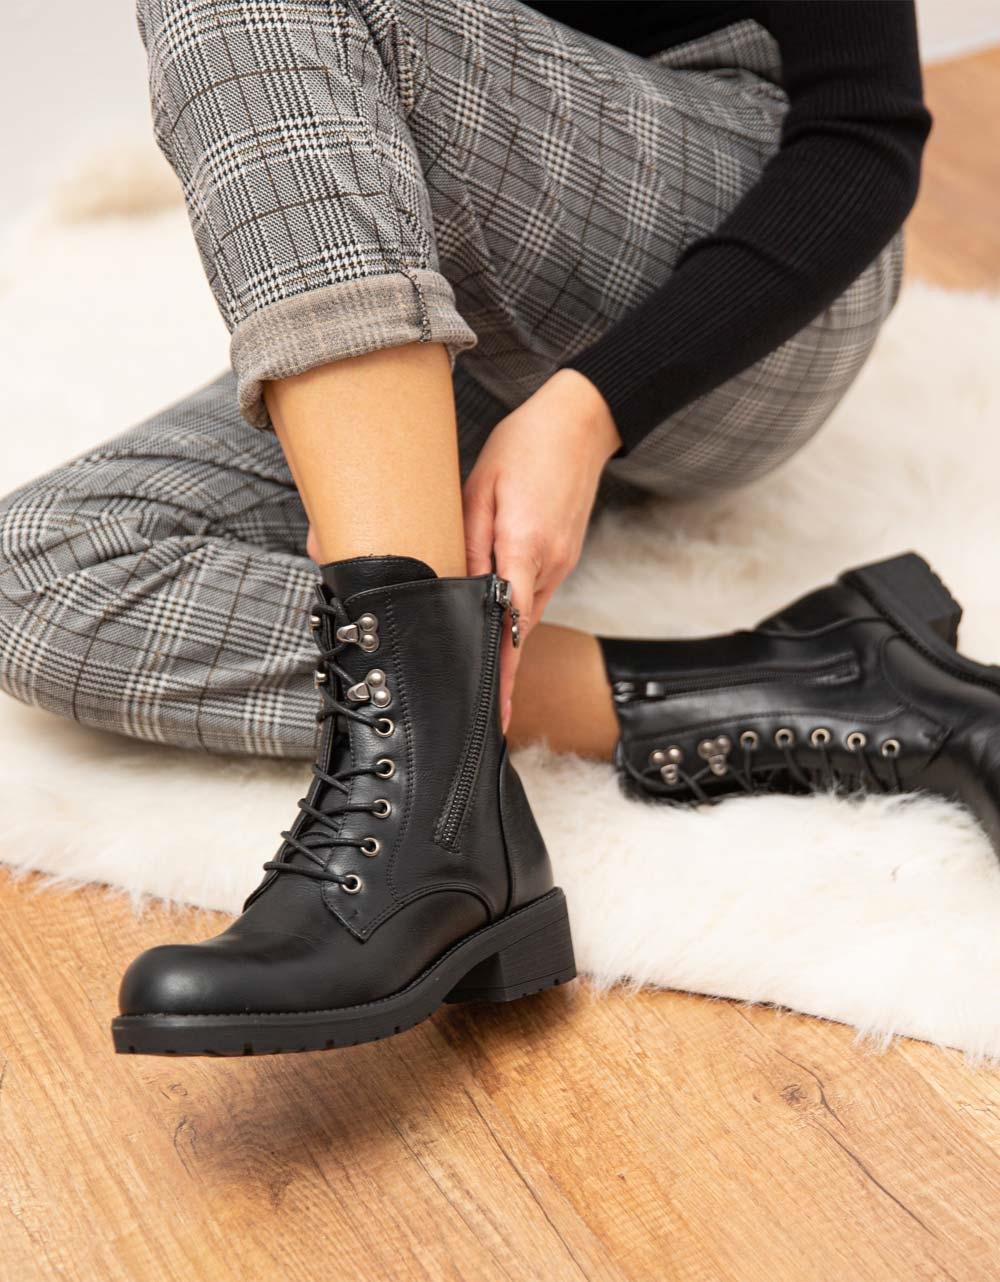 Εικόνα από  Γυναικεία μποτάκια με φερμουάρ στο πλαινό μέρος Μαύρο